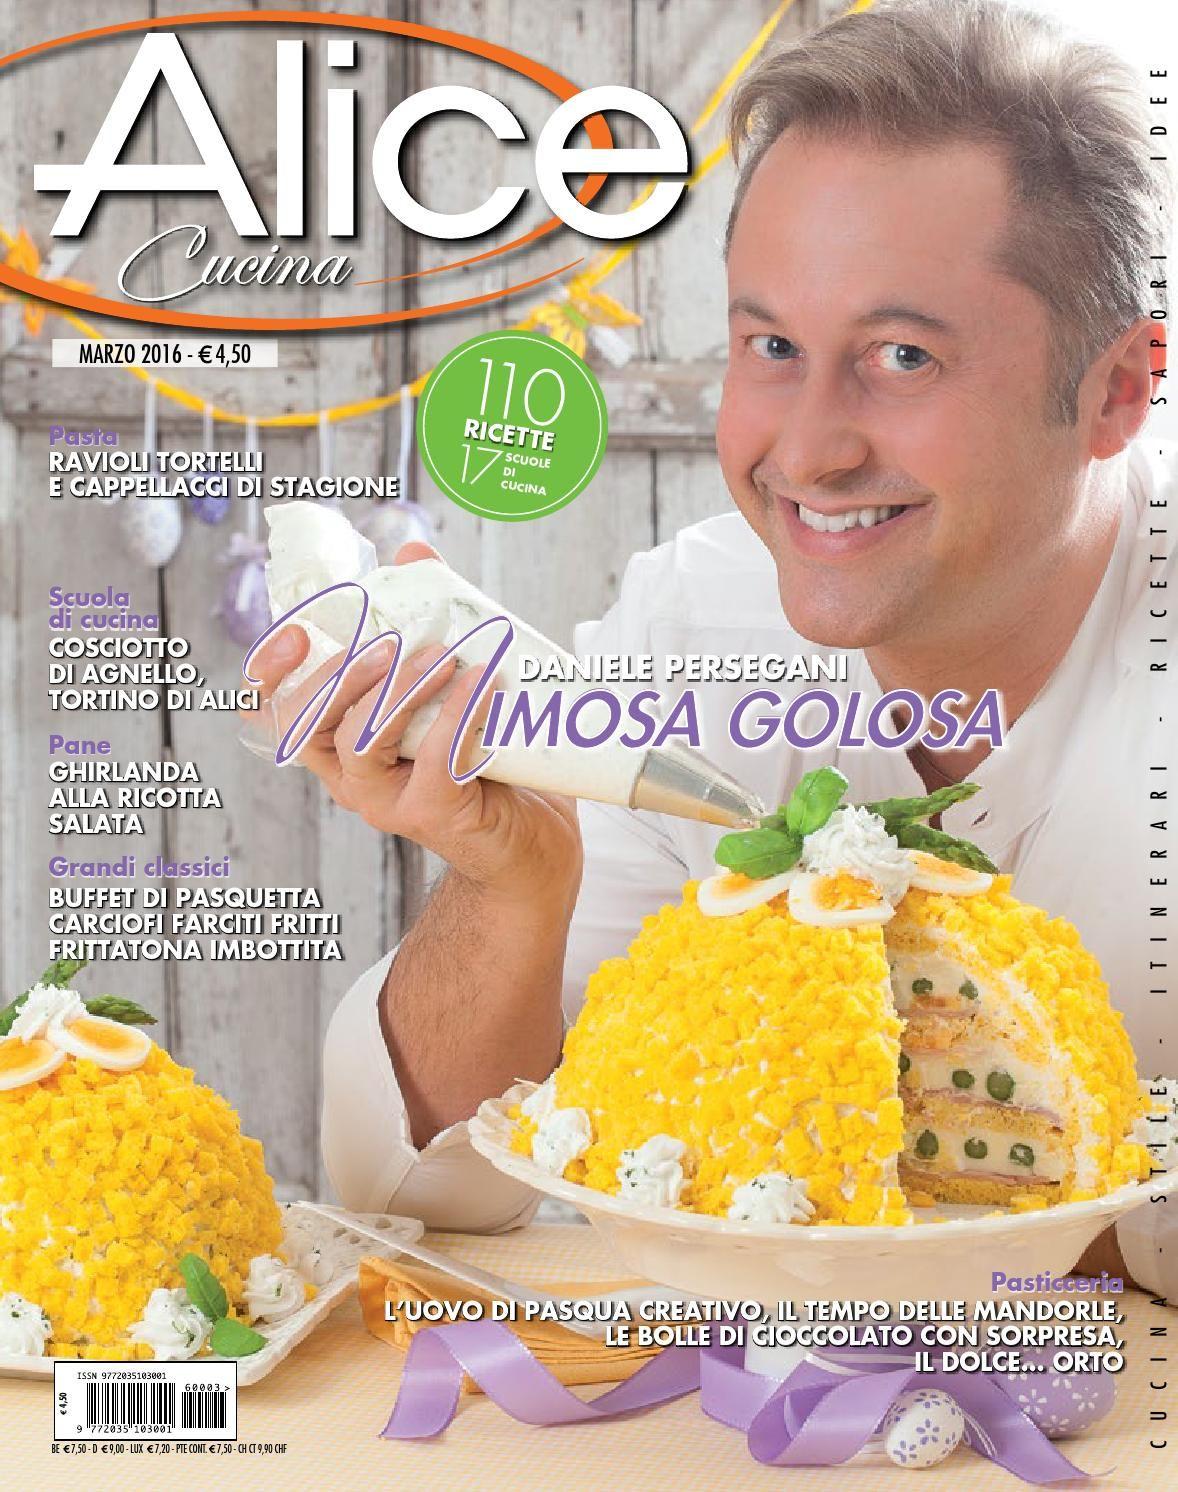 Alice cucina marzo 2016 idee alimentari ricette e for Alice cucina ricette